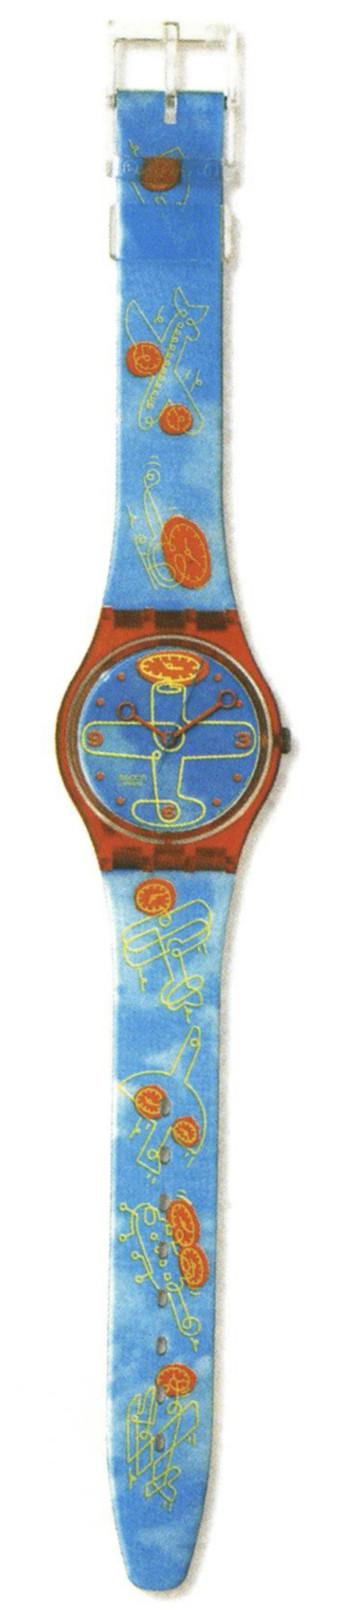 Region: New York;Year: 2000; Hour plane watch; Illustrator:Otto Steininger/Doppelganger; Art Director:Adelina Bissolo/Swatch Creative Lab